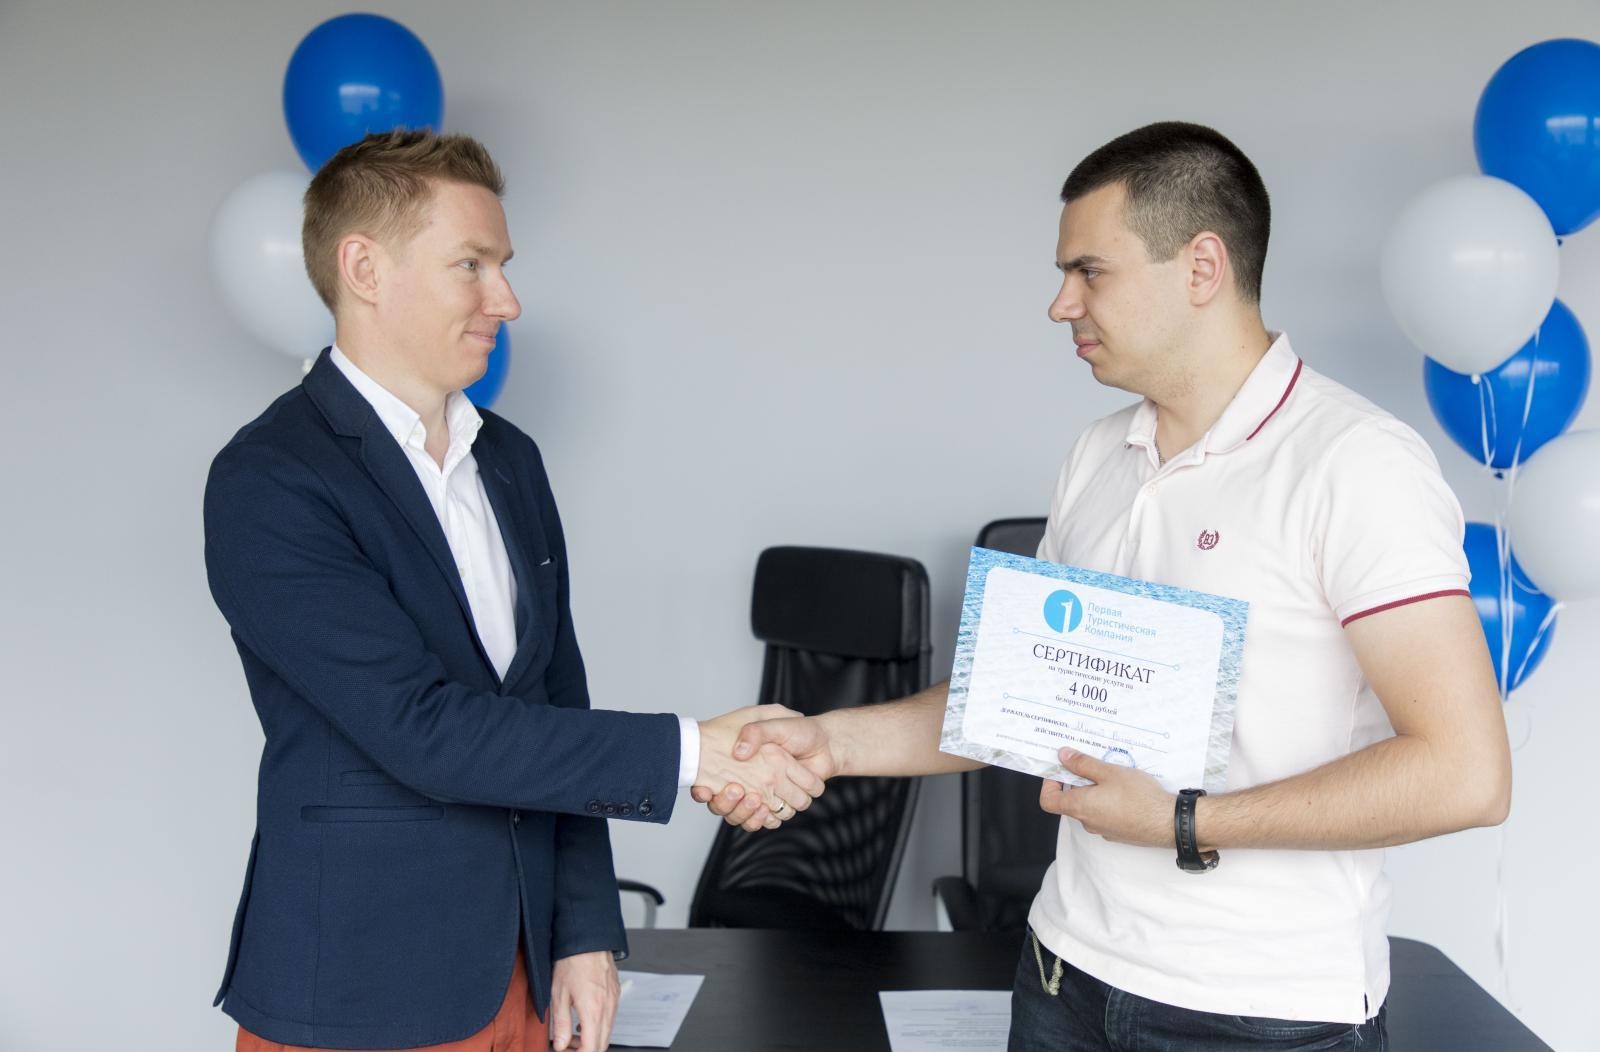 2298153af970b Минков Владислав, обладатель приза 3-й категории. «Я рад, что мои покупки  онлайн по карте Visa оказались счастливыми»